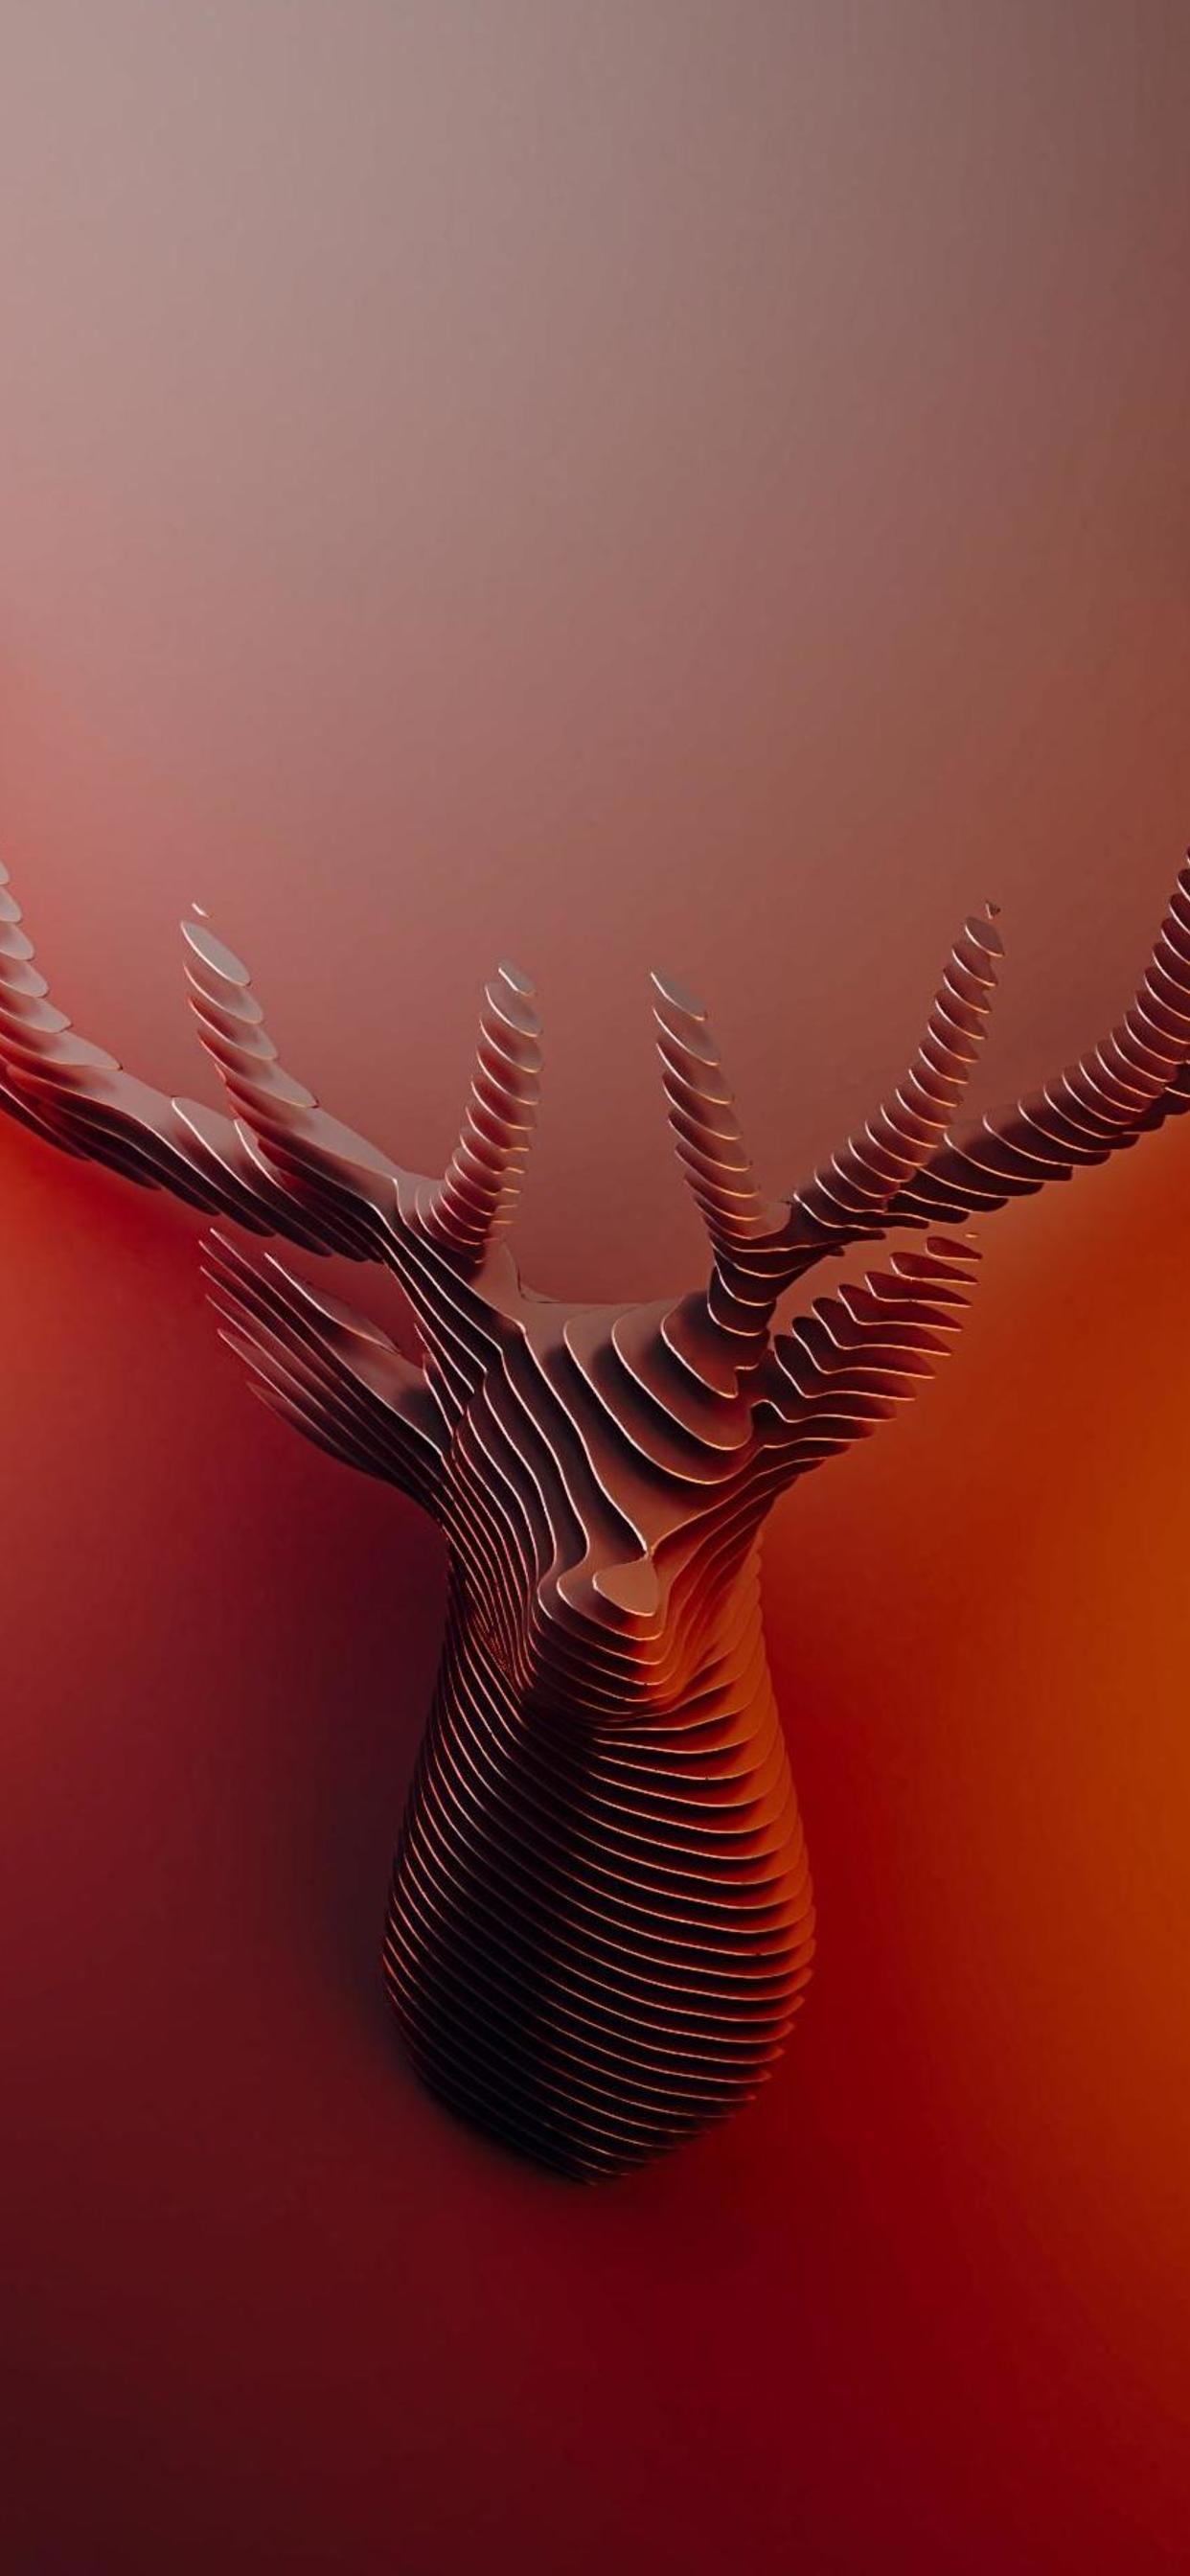 Deer Horns Abstract 4k Mq Abstract 4k Wallpapers Iphone Xr 1242x2688 Download Hd Wallpaper Wallpapertip